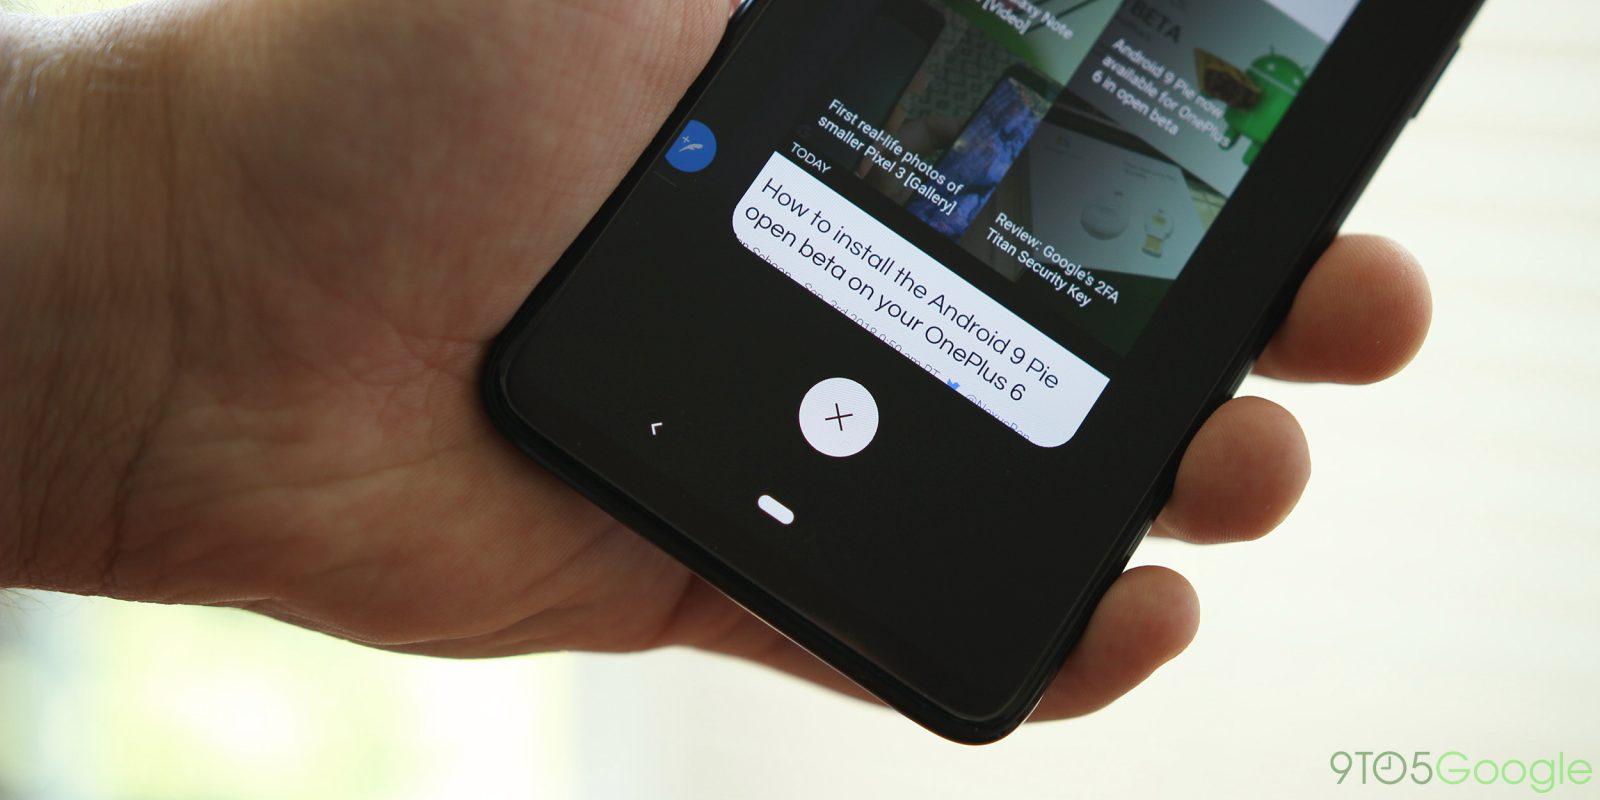 oneplus_6_android_pie_gestures_11.jpg